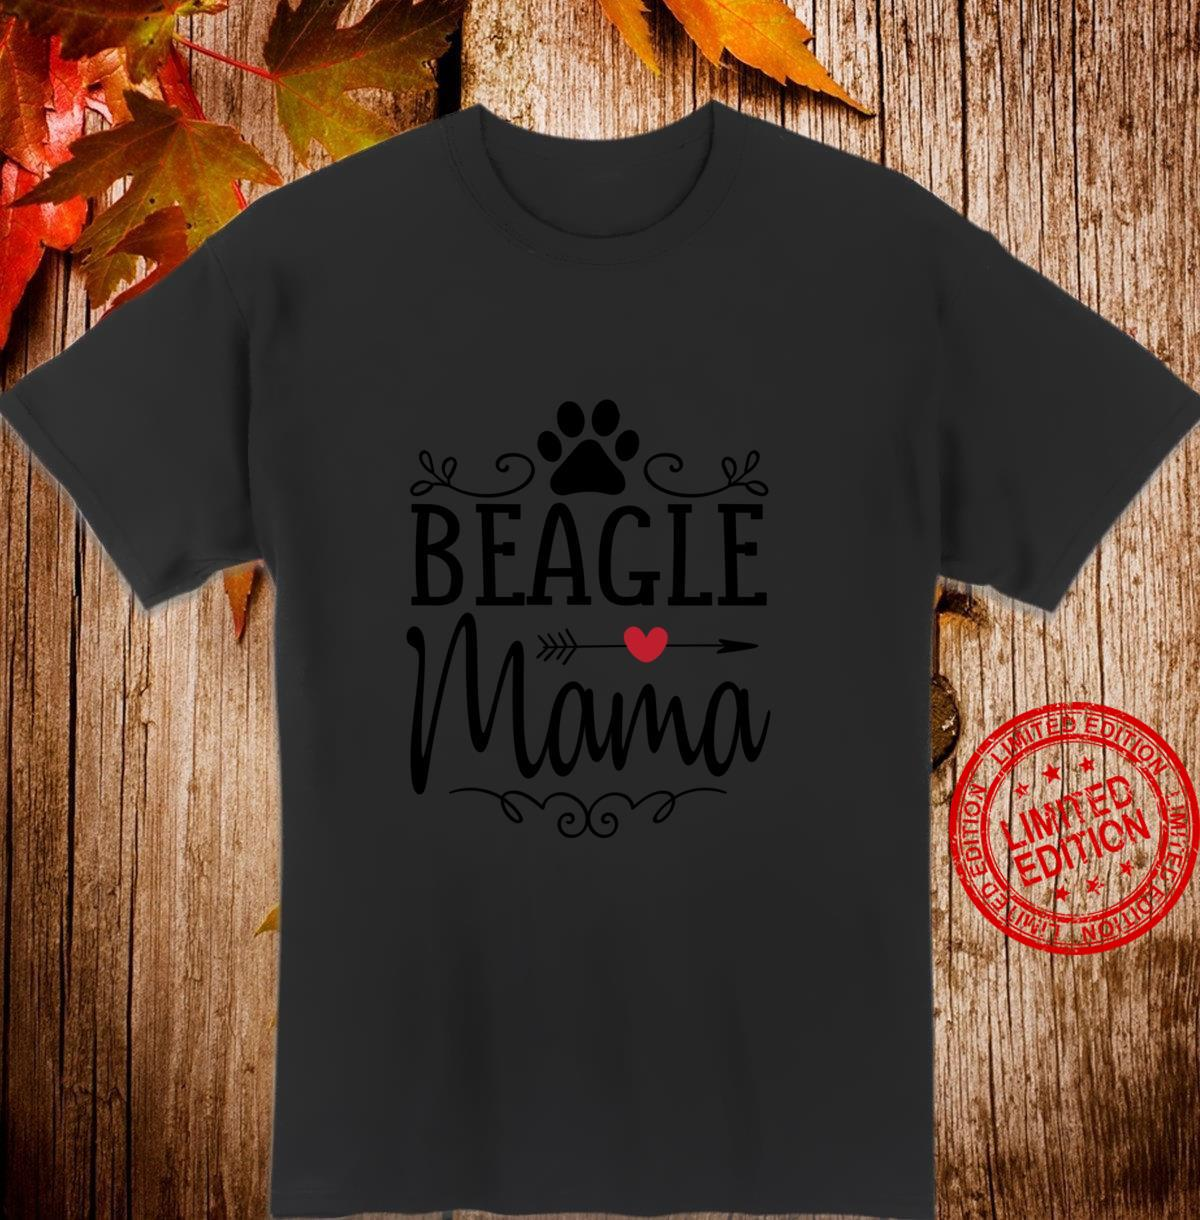 Beagle Mama Beagle Shirt For Beagle Shirt